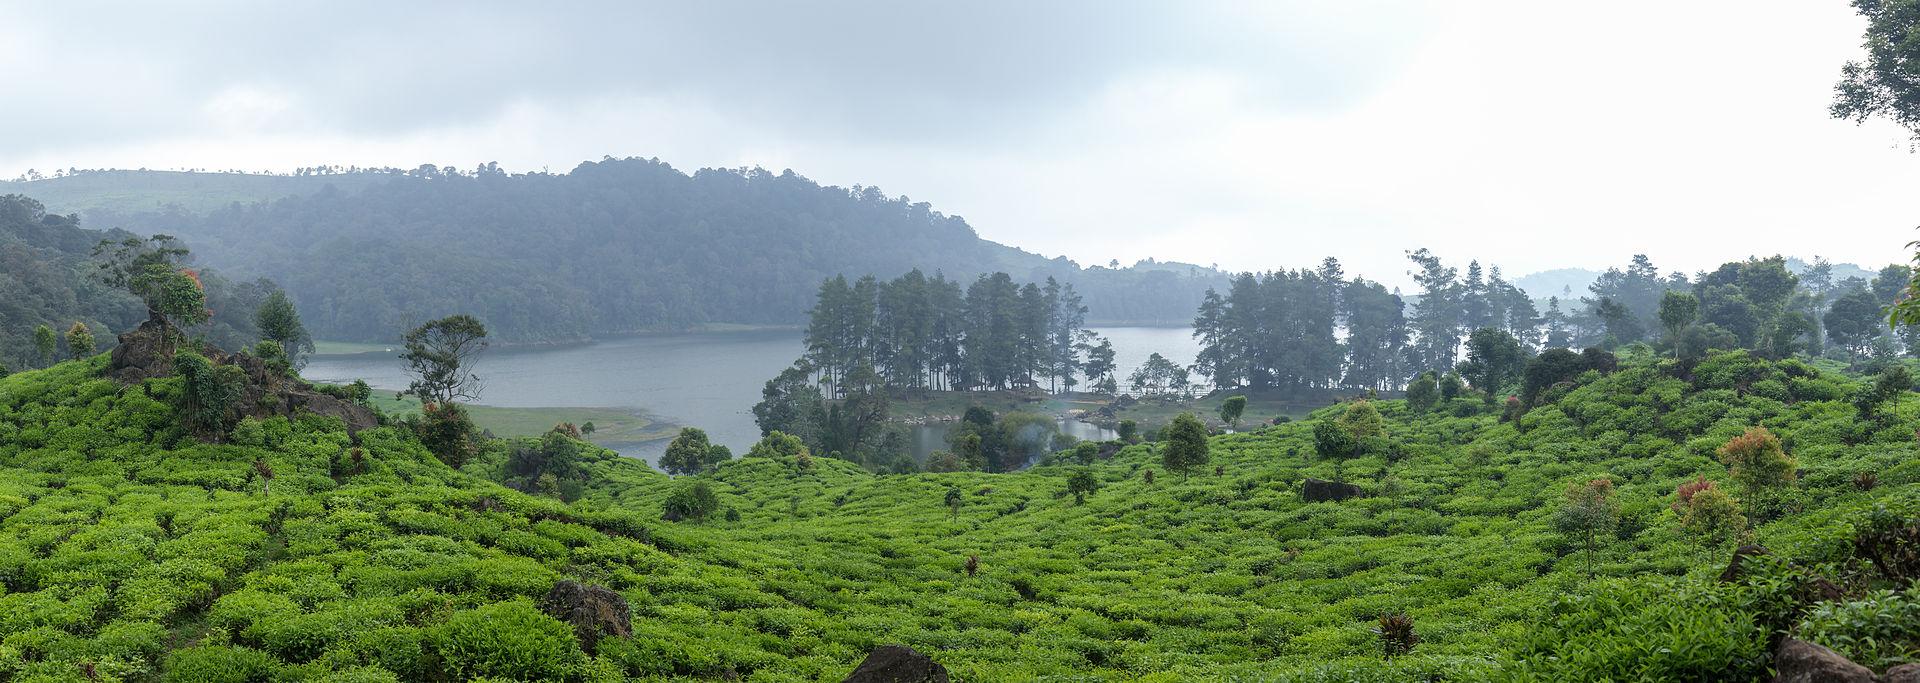 Patenggang_Lake_panorama,_Bandung_Regency,_2014-08-21